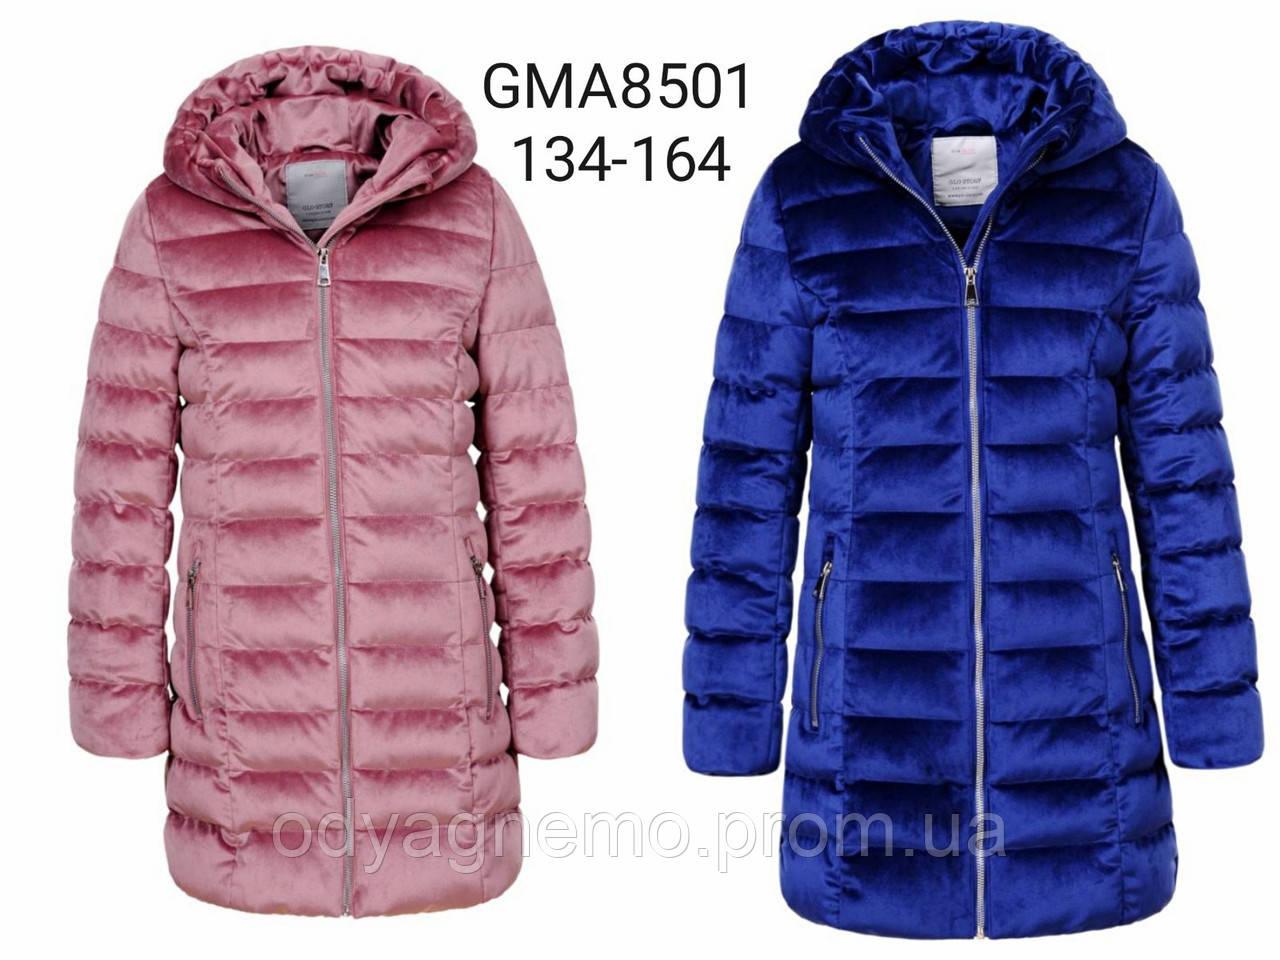 Курточка на хутрі для дівчаток Glo-Story оптом, 134-164 рр. Артикул: GMA8501